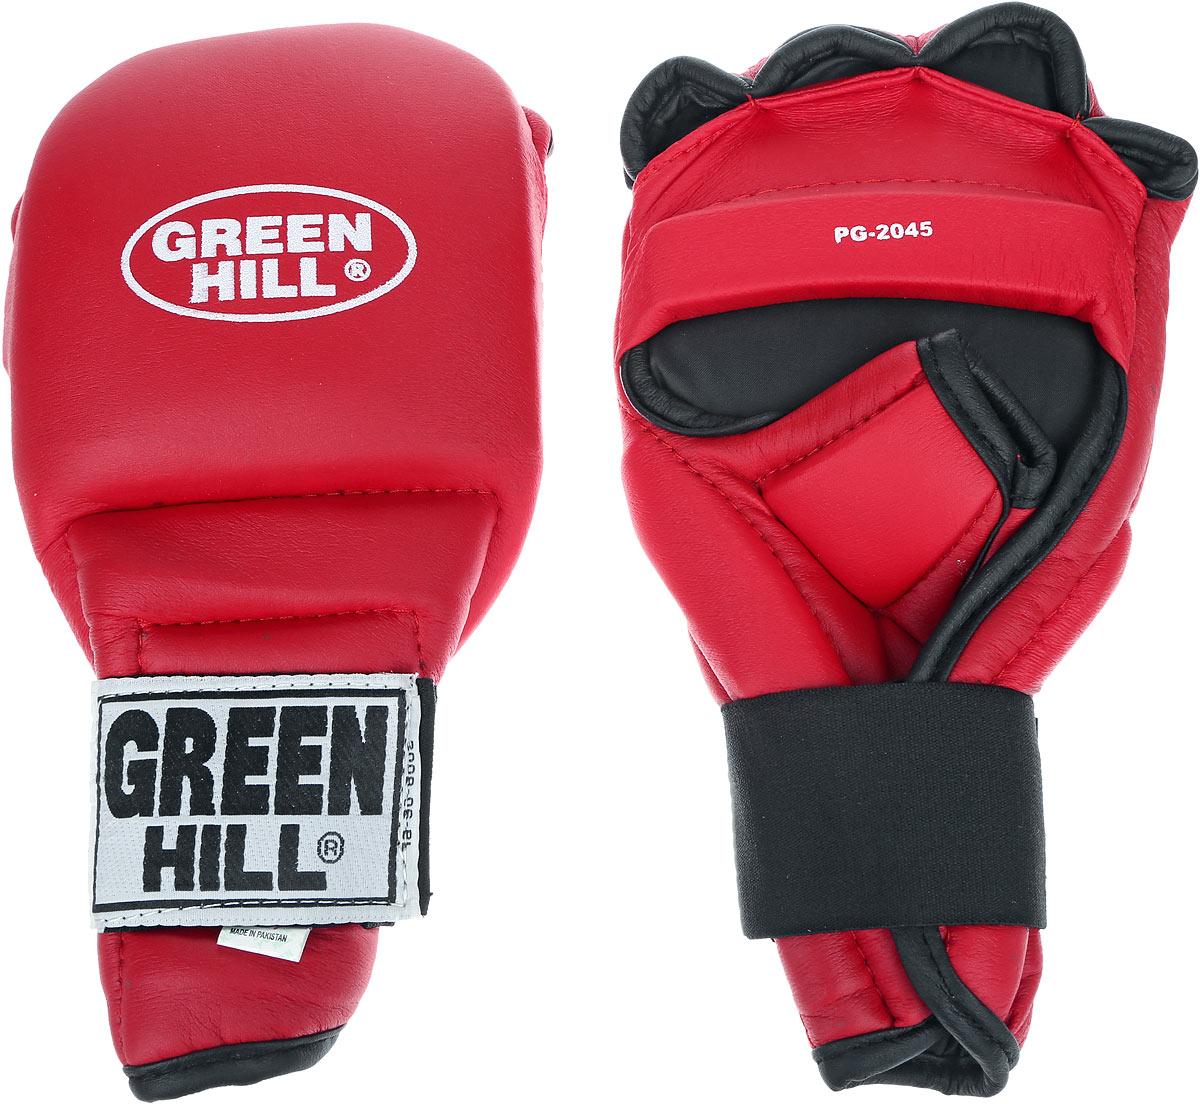 Перчатки для рукопашного боя Green Hill, цвет: красный, черный. Размер L. PG-2045AIRWHEEL Q3-340WH-BLACKПерчатки для рукопашного боя Green Hill произведены из высококачественной искусственной кожи. Подойдут для занятий кунг-фу. Конструкция предусматривает открытые пальцы - необходимый атрибут для проведения захватов. Манжеты на липучках позволяют быстро снимать и надевать перчатки без каких-либо неудобств. Анатомическая посадка предохраняет руки от повреждений.